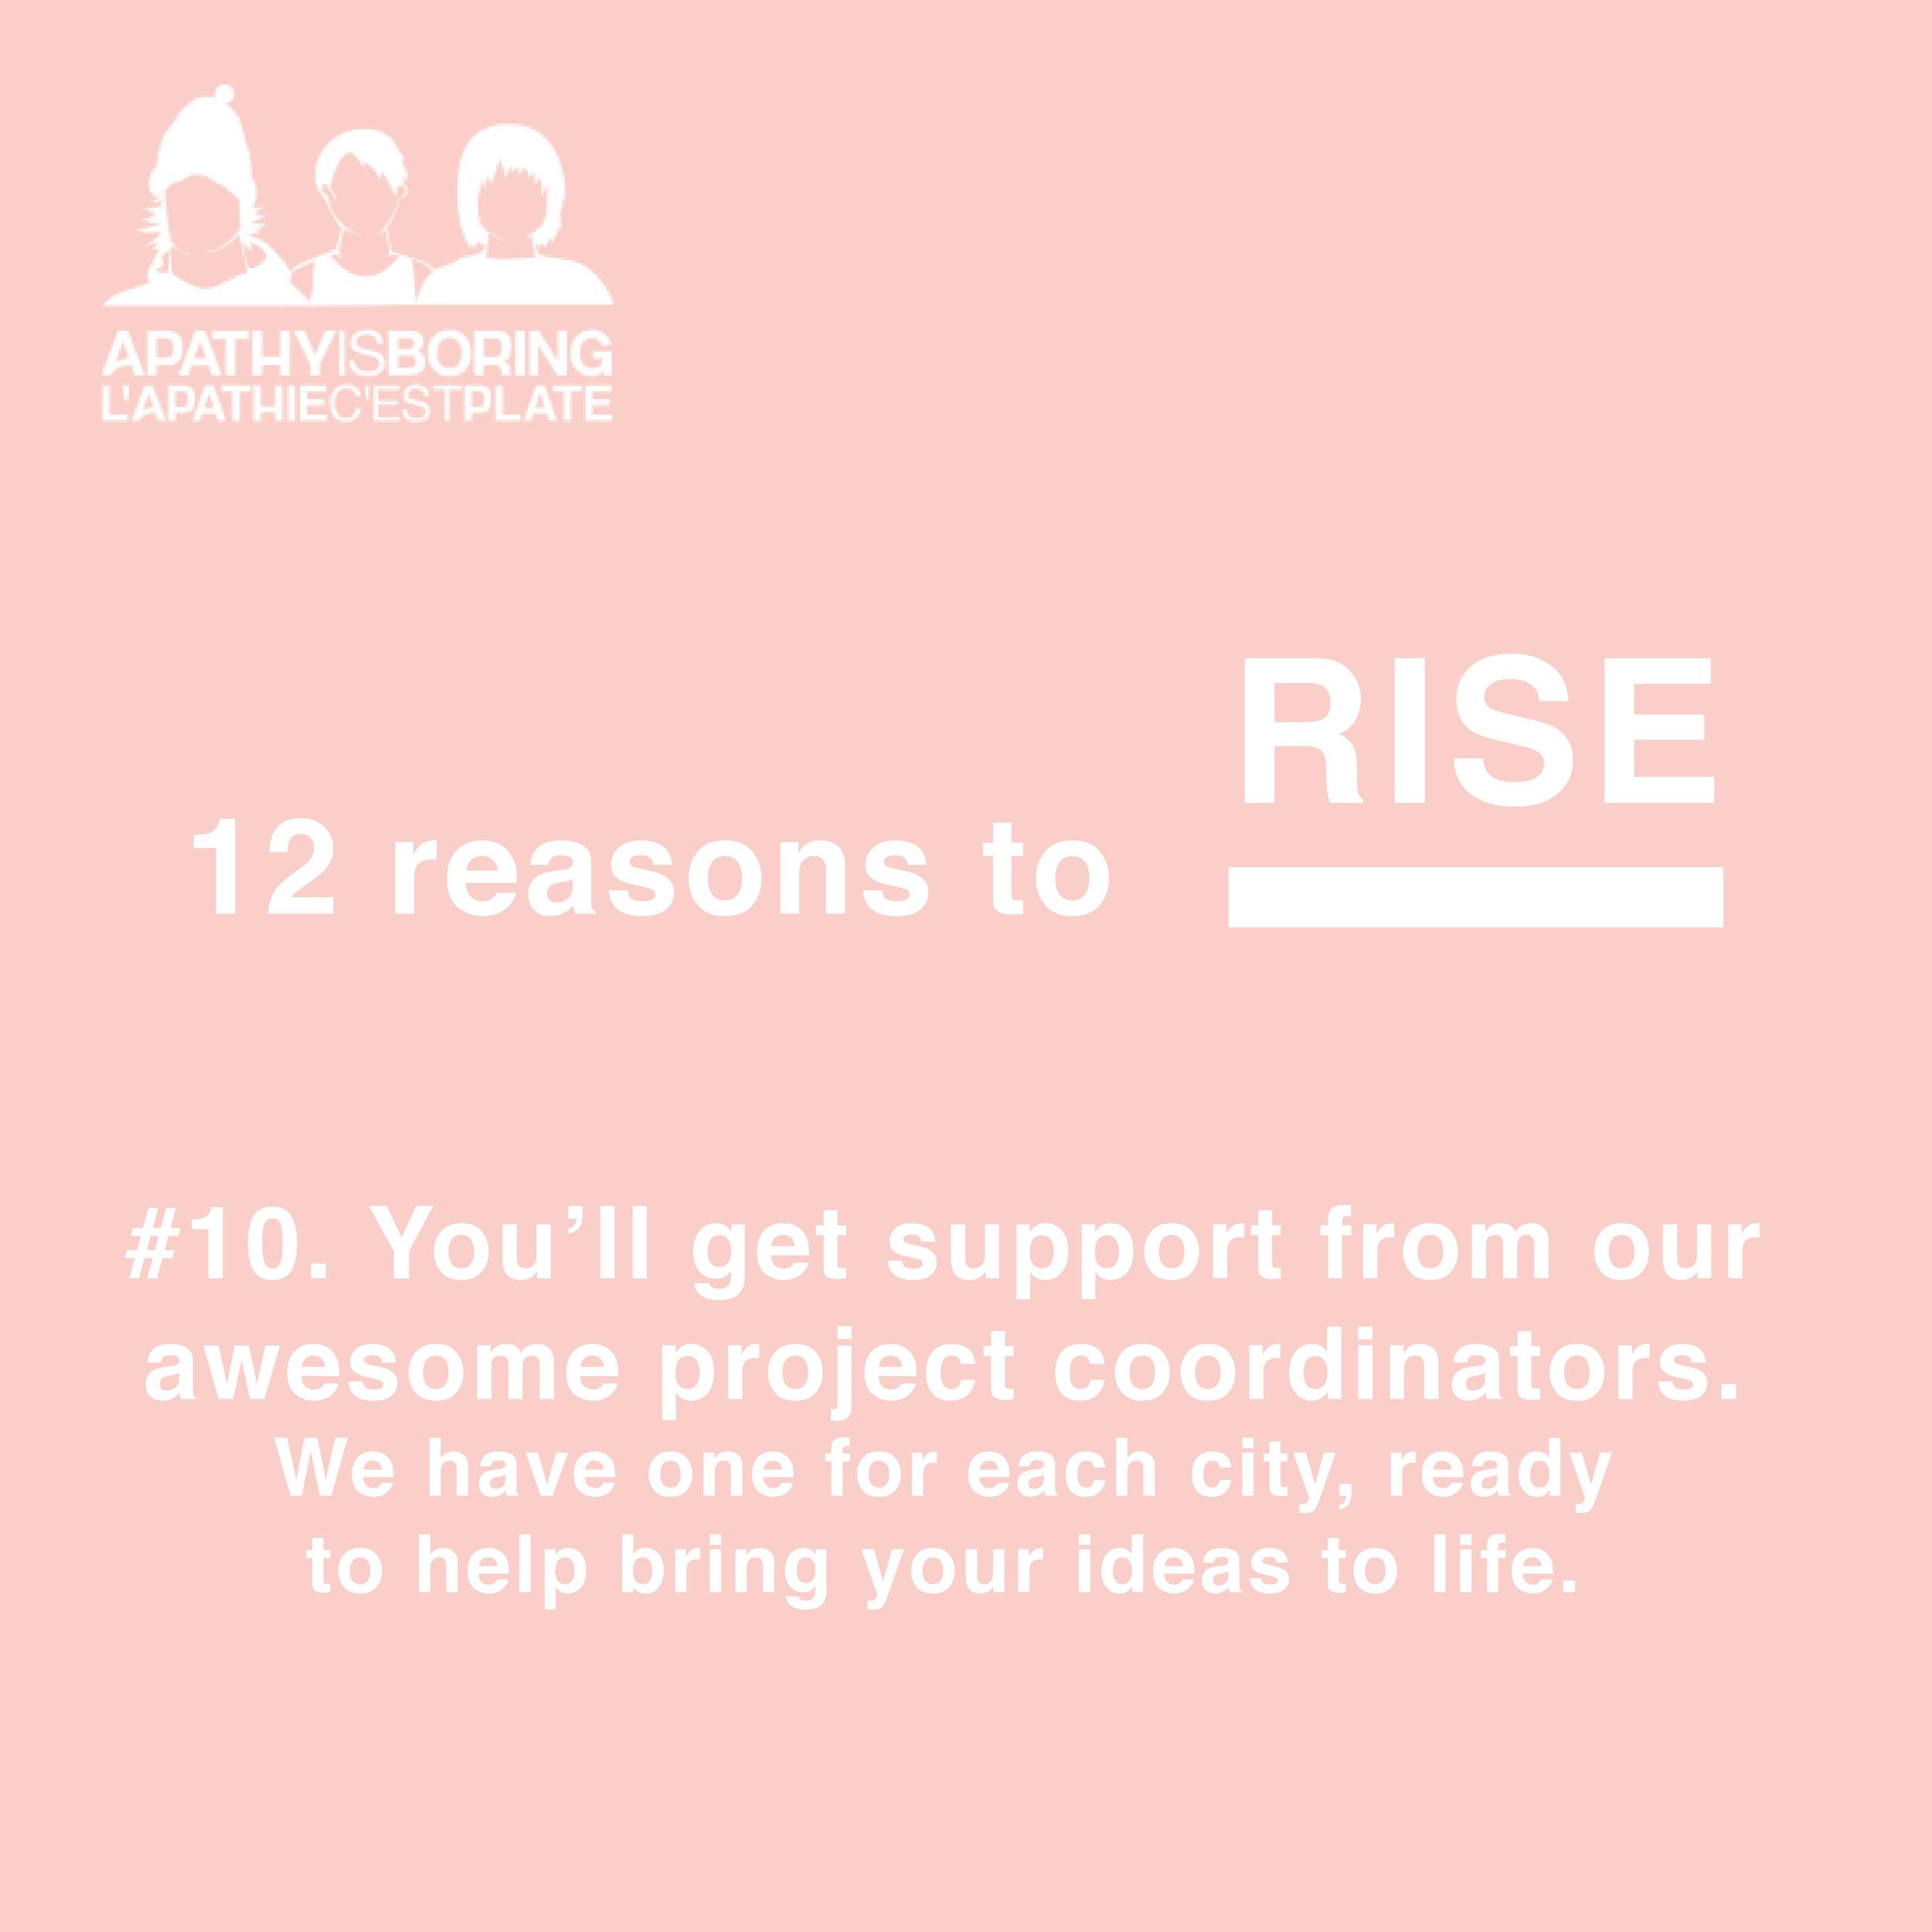 aisbRISE reason 10.jpg